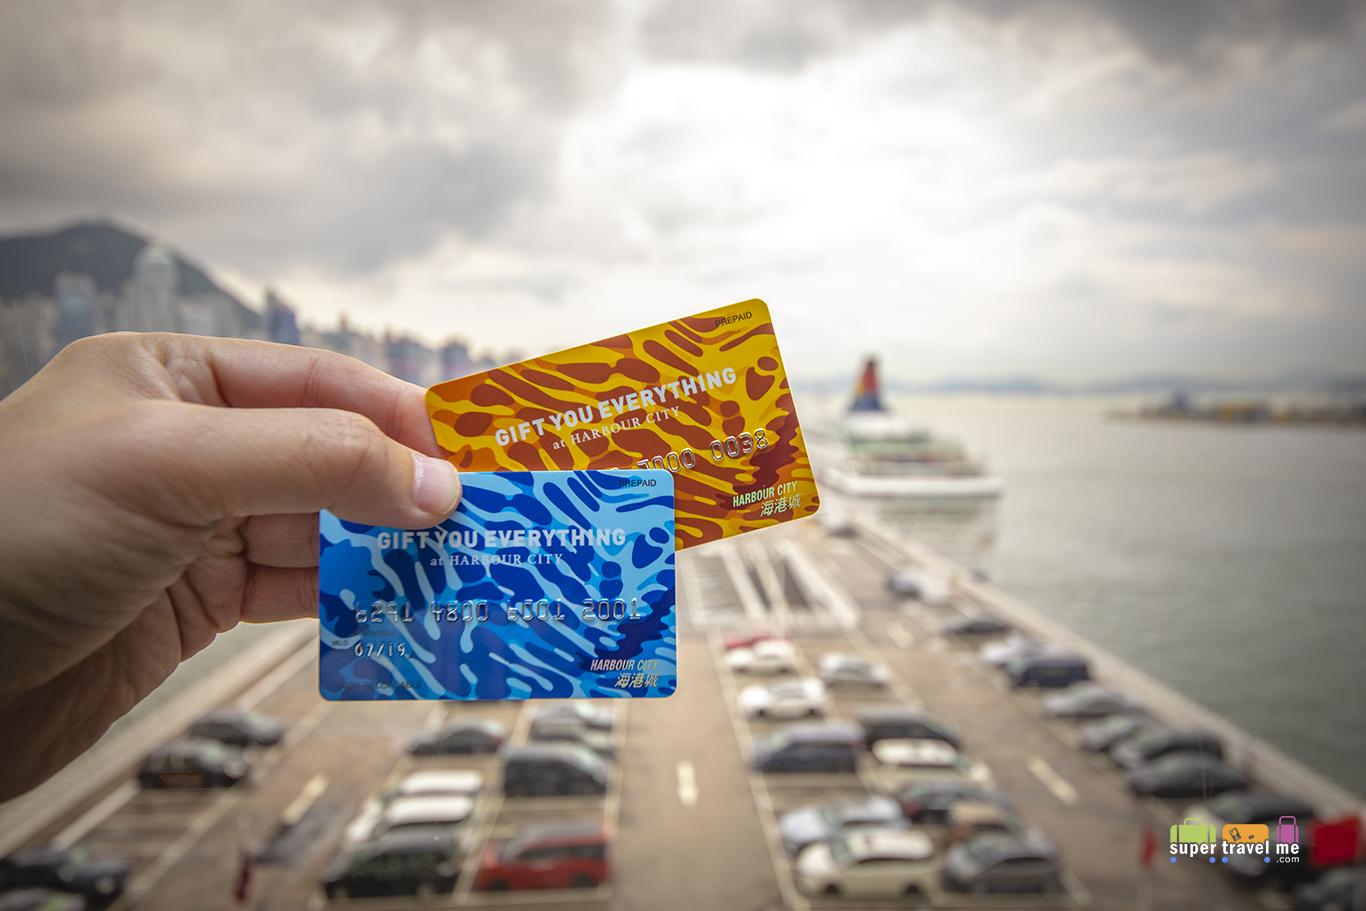 6309 Harbour City UnionPay Prepaid Cards